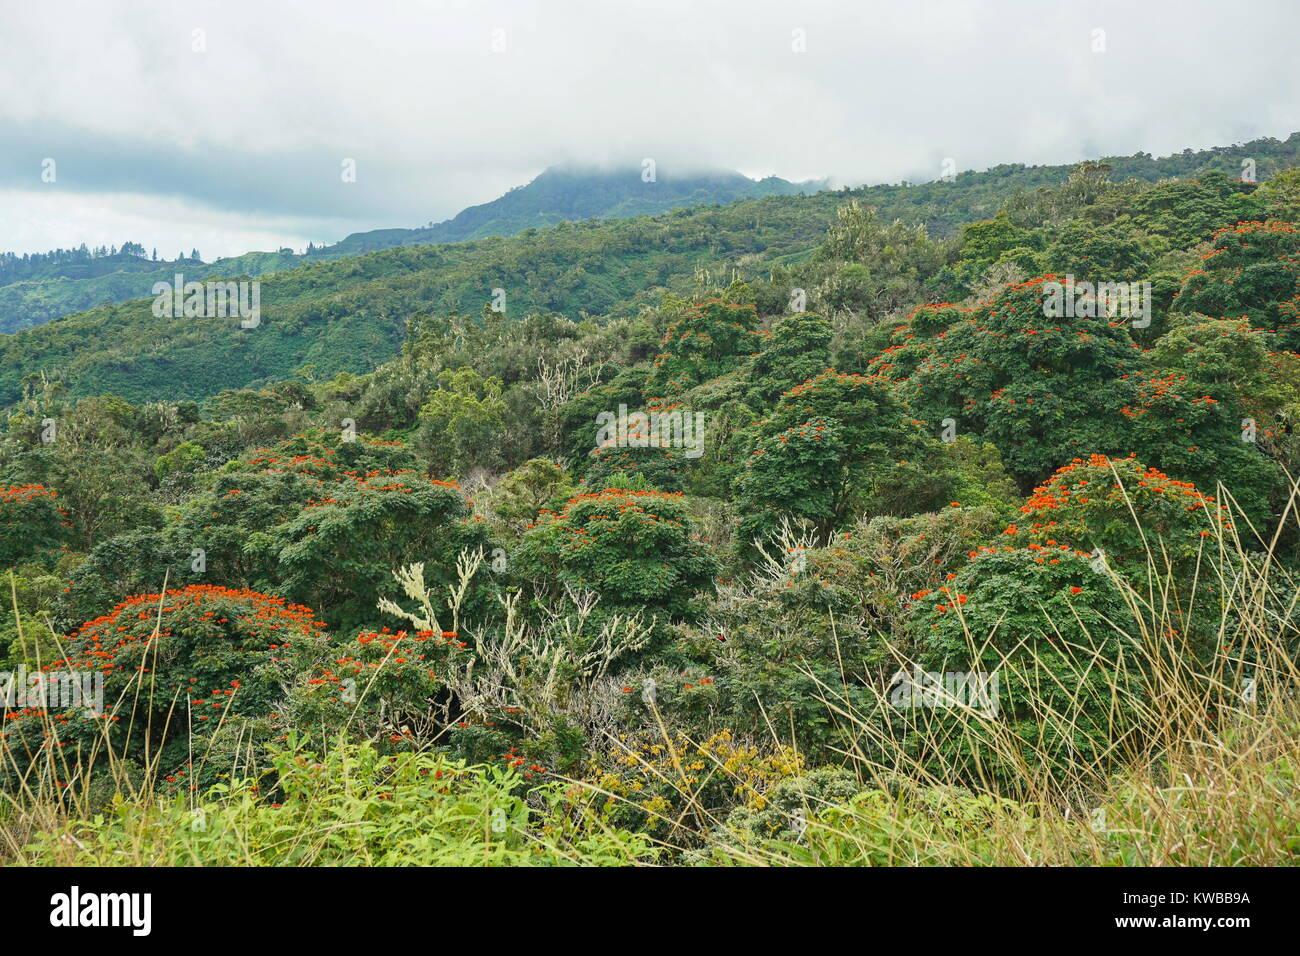 Insel Tahiti tropischen Regenwald in den Bergen in der Nähe der Mount Marau, Französisch-Polynesien, South Stockbild